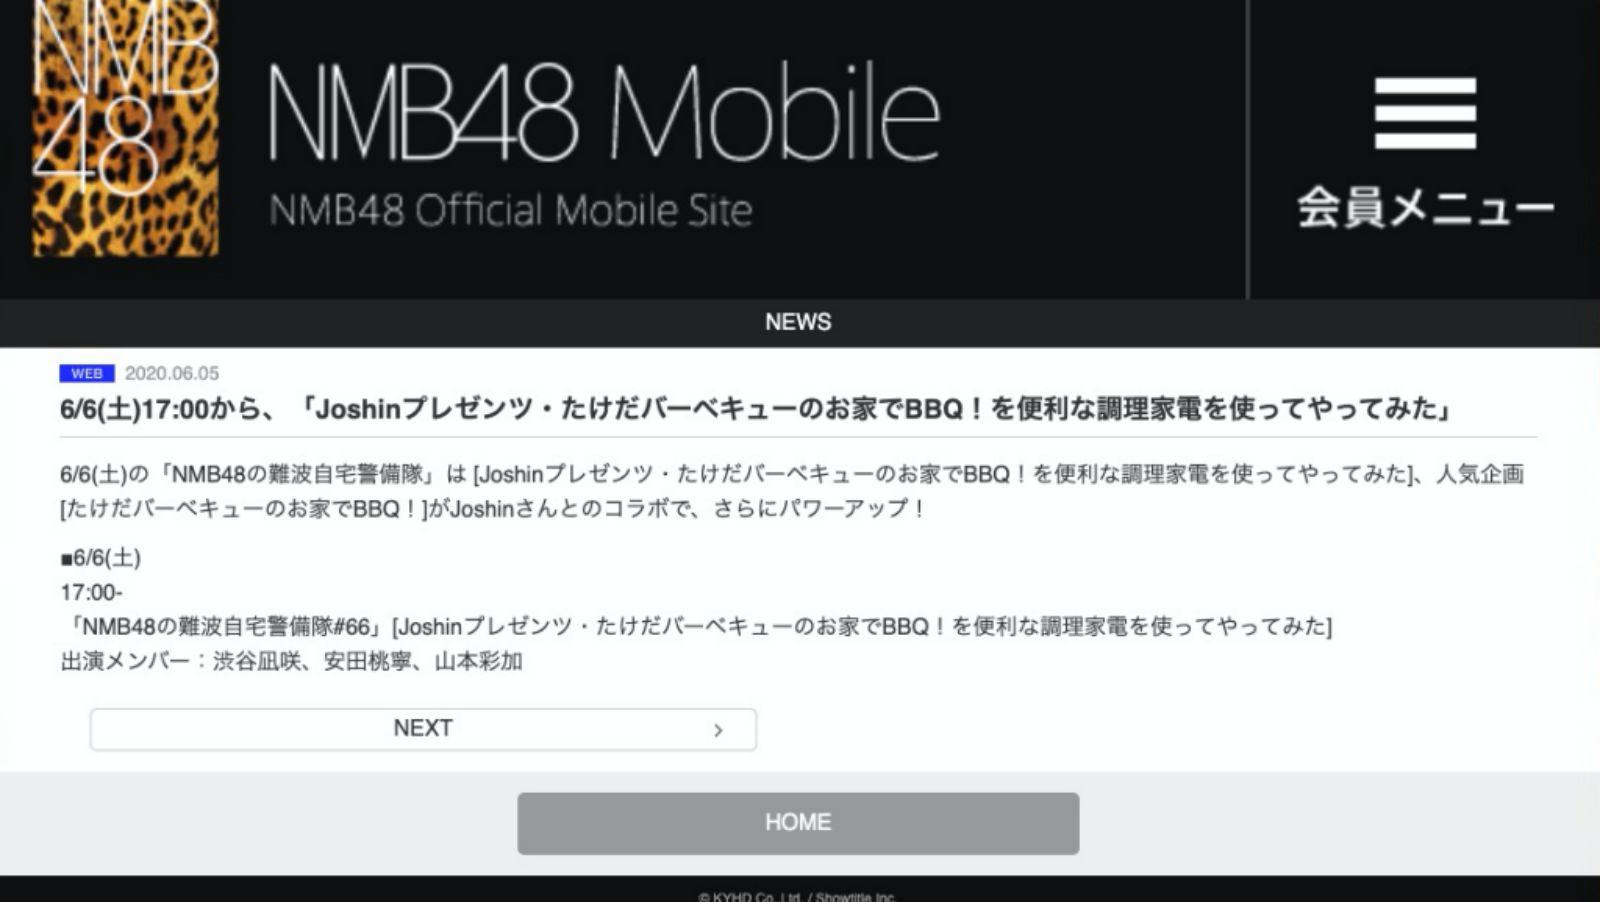 【NMB48】6/6配信の「NMB48難波自宅警備隊」の「たけだバーベキューのお家でBBQ」は「Joshinプレゼンツ」